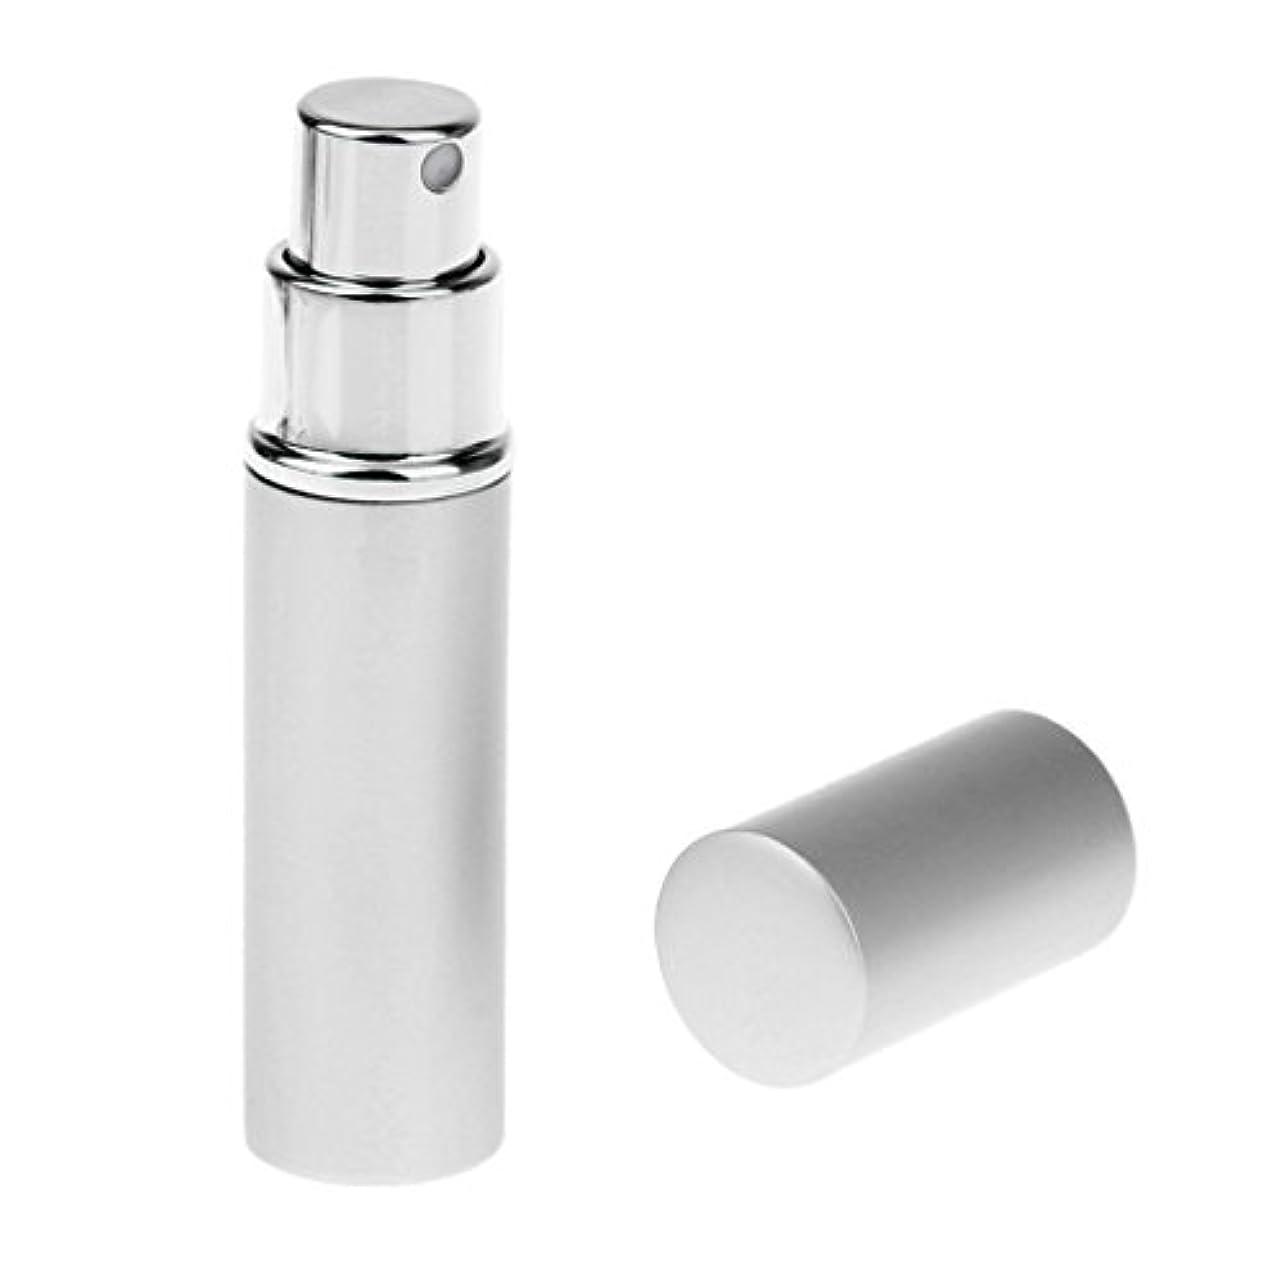 占めるジョットディボンドン実行詰め替え可能 ポータブル アルミ ガラス製 香水アトマイザー 空ボトル ポンプ 銀色